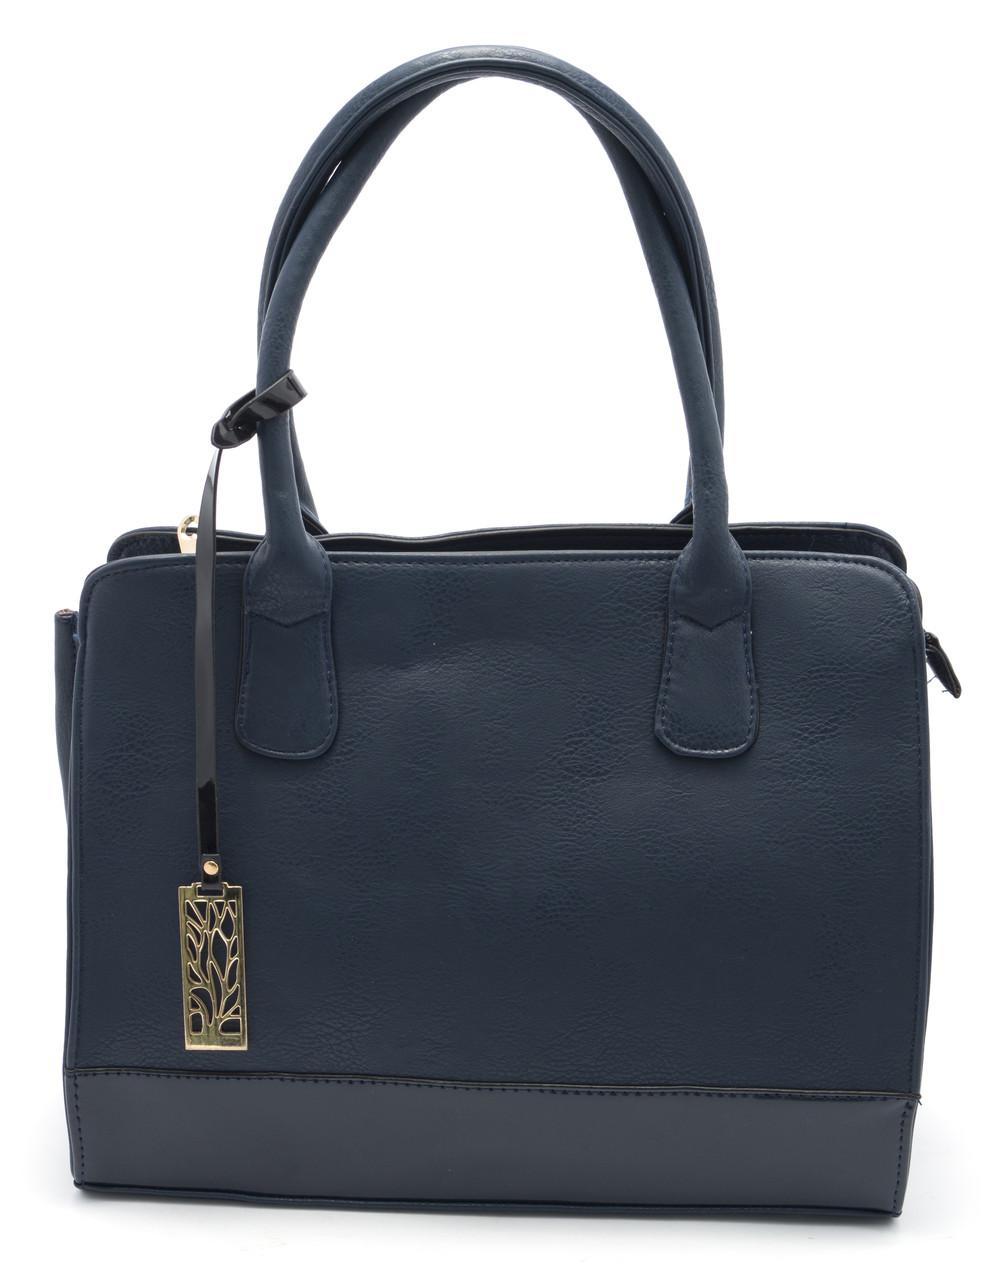 Классическая женская сумочка средних размеров Б/Н art. 2049 синего цвета